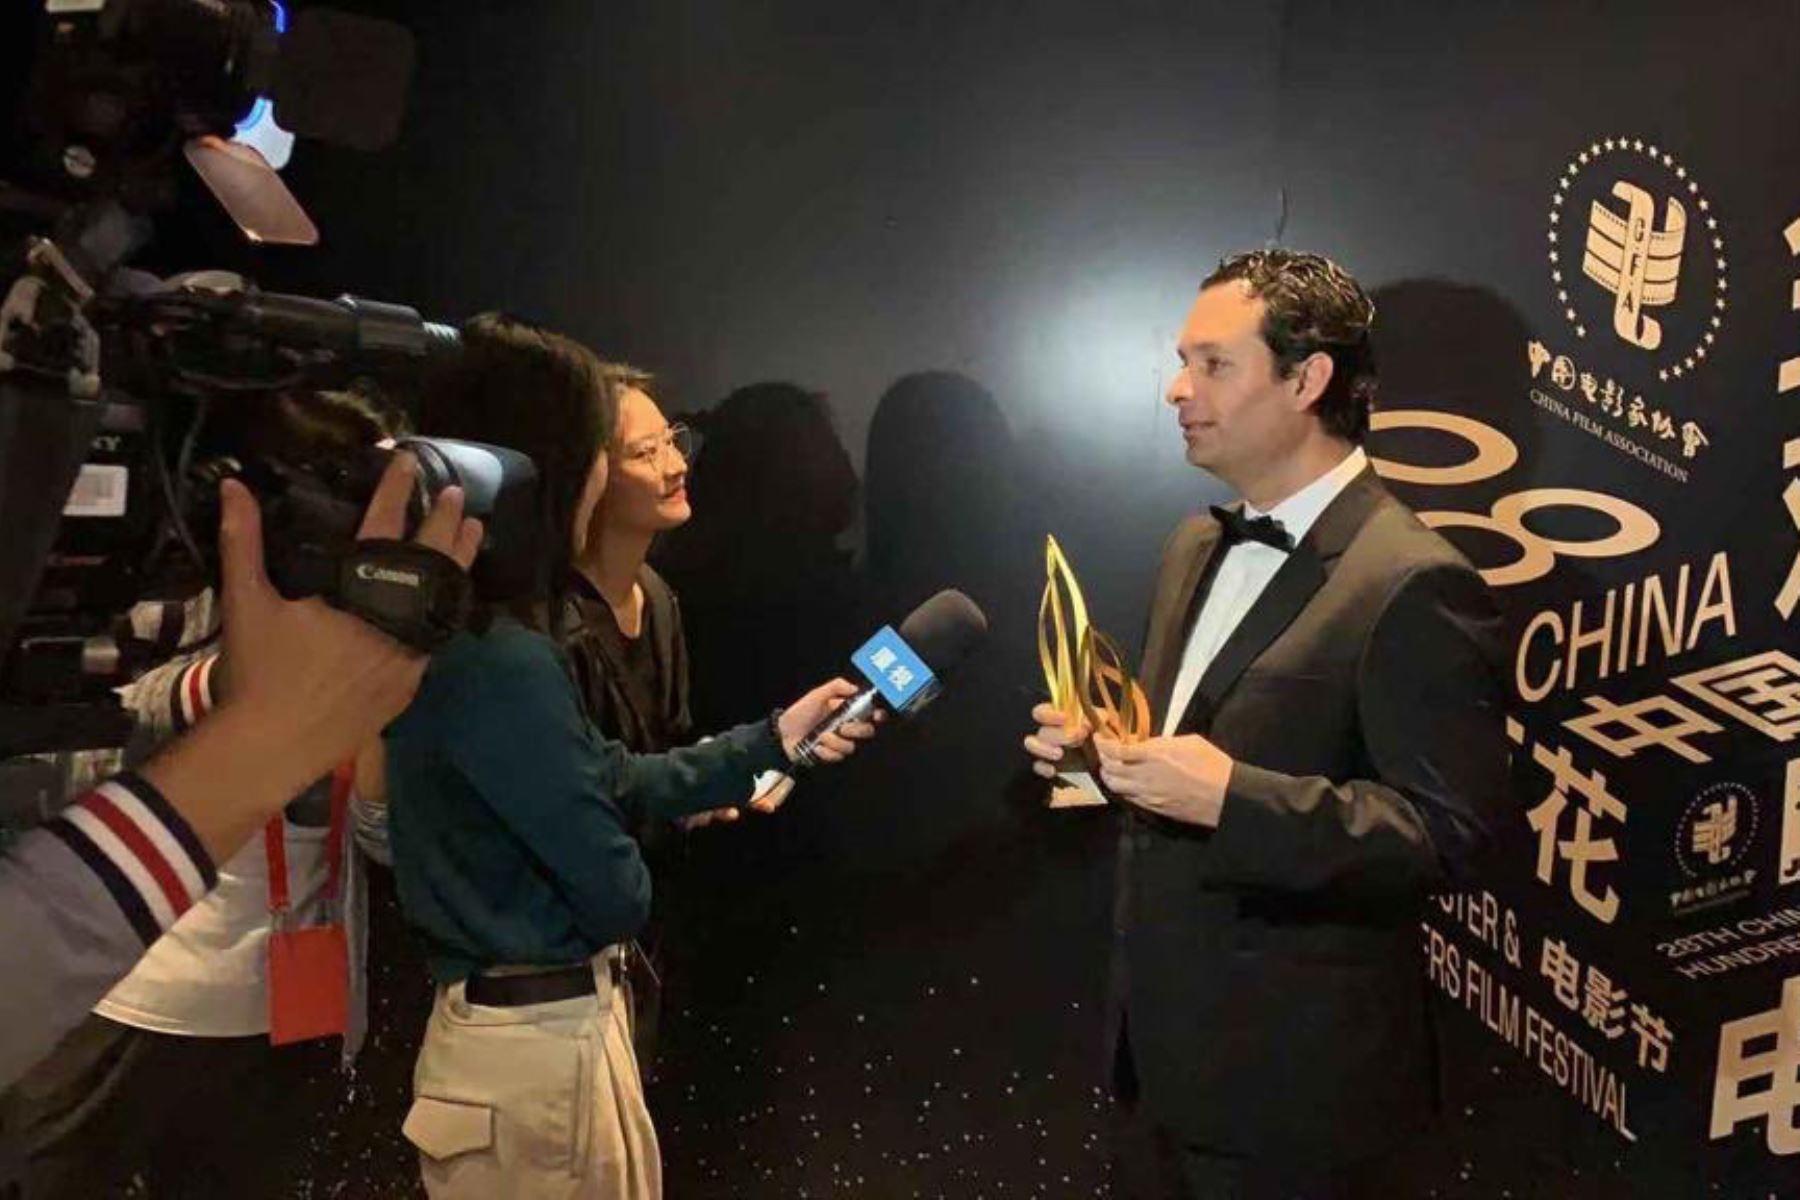 La película peruana Retablo ganó dos premios en el Certamen de cine más prestigioso de China, el Golden Rooster Awards